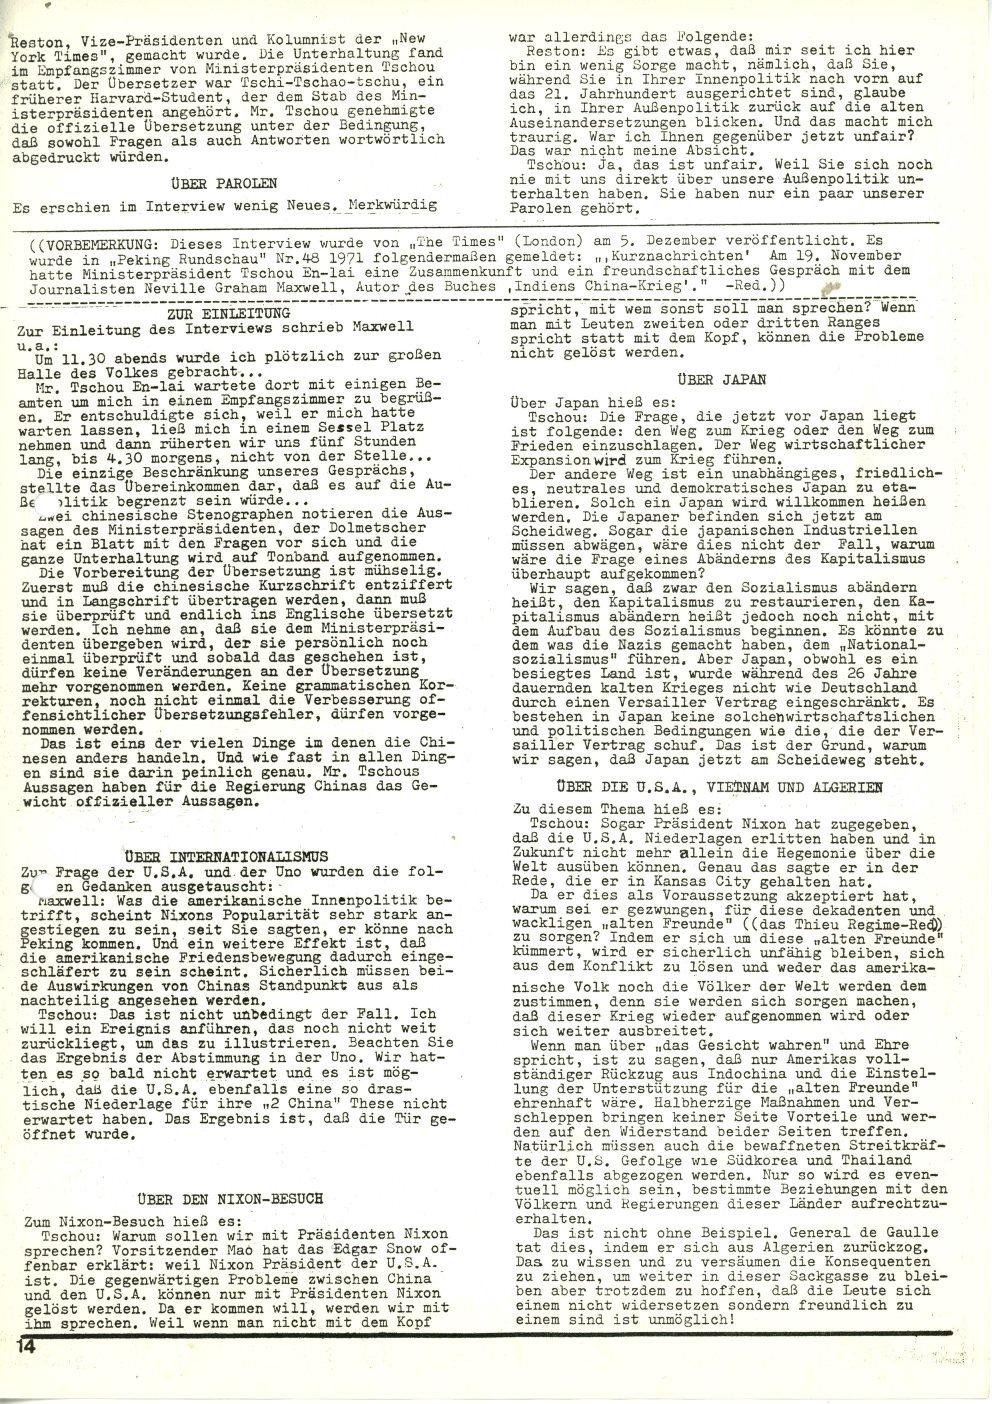 Muenchen_1972_Offener_Brief_an_die_KPDML_14